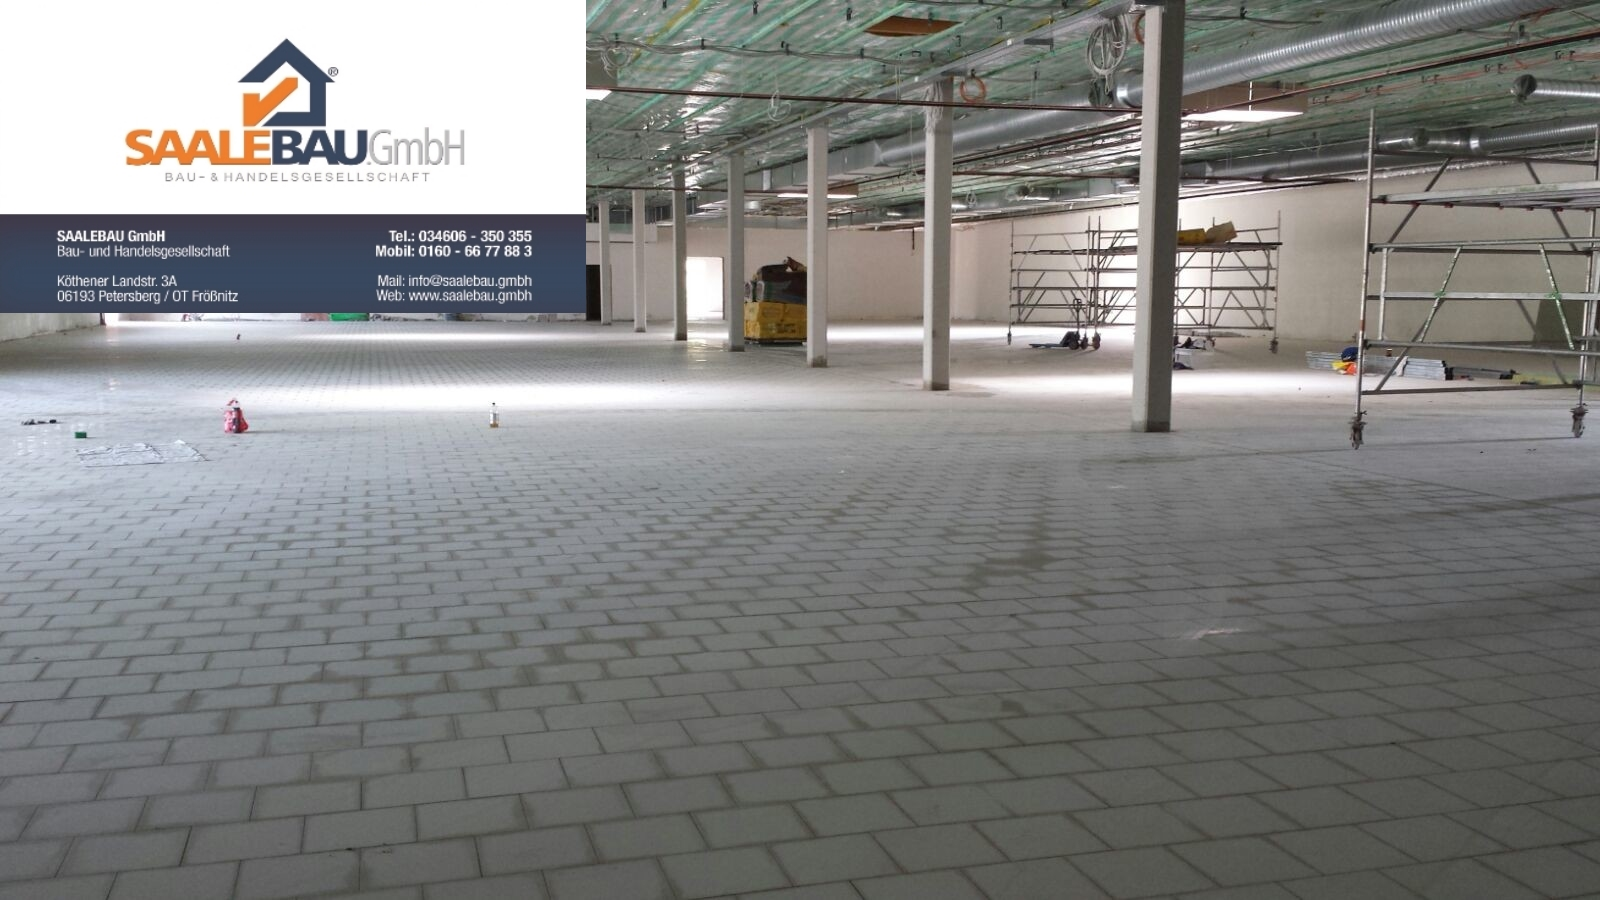 Rüttelboden Rüttelböden Industrieboden Industrieböden Keramikboden SAALEBAU GmbH